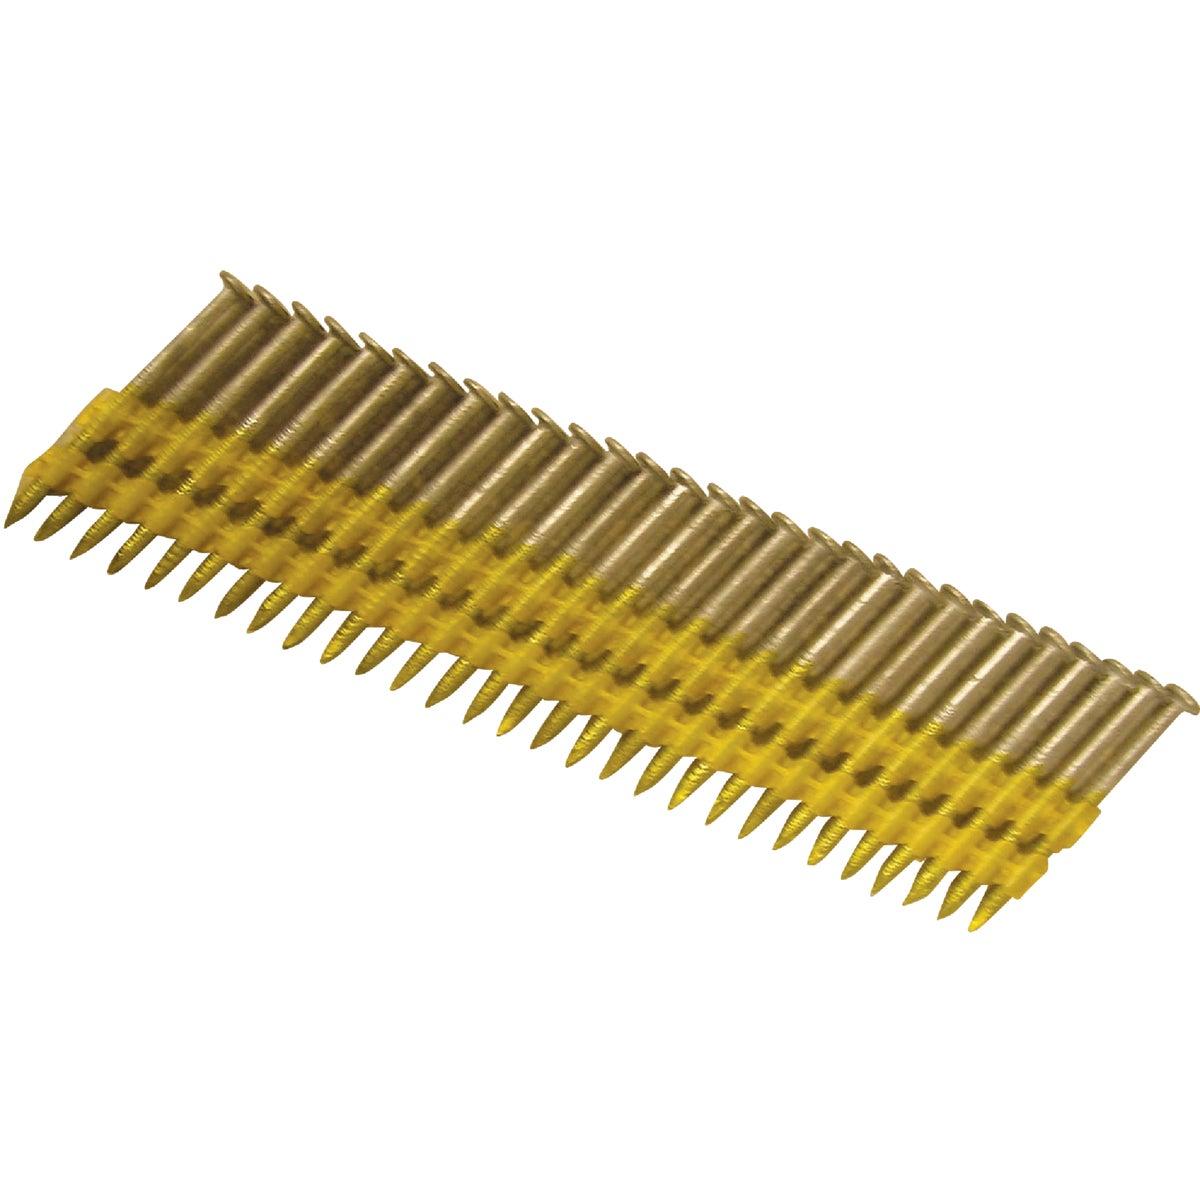 2-3/8X.113 RSHG STK NAIL - GR08RHG1M by Prime Source Pneumat